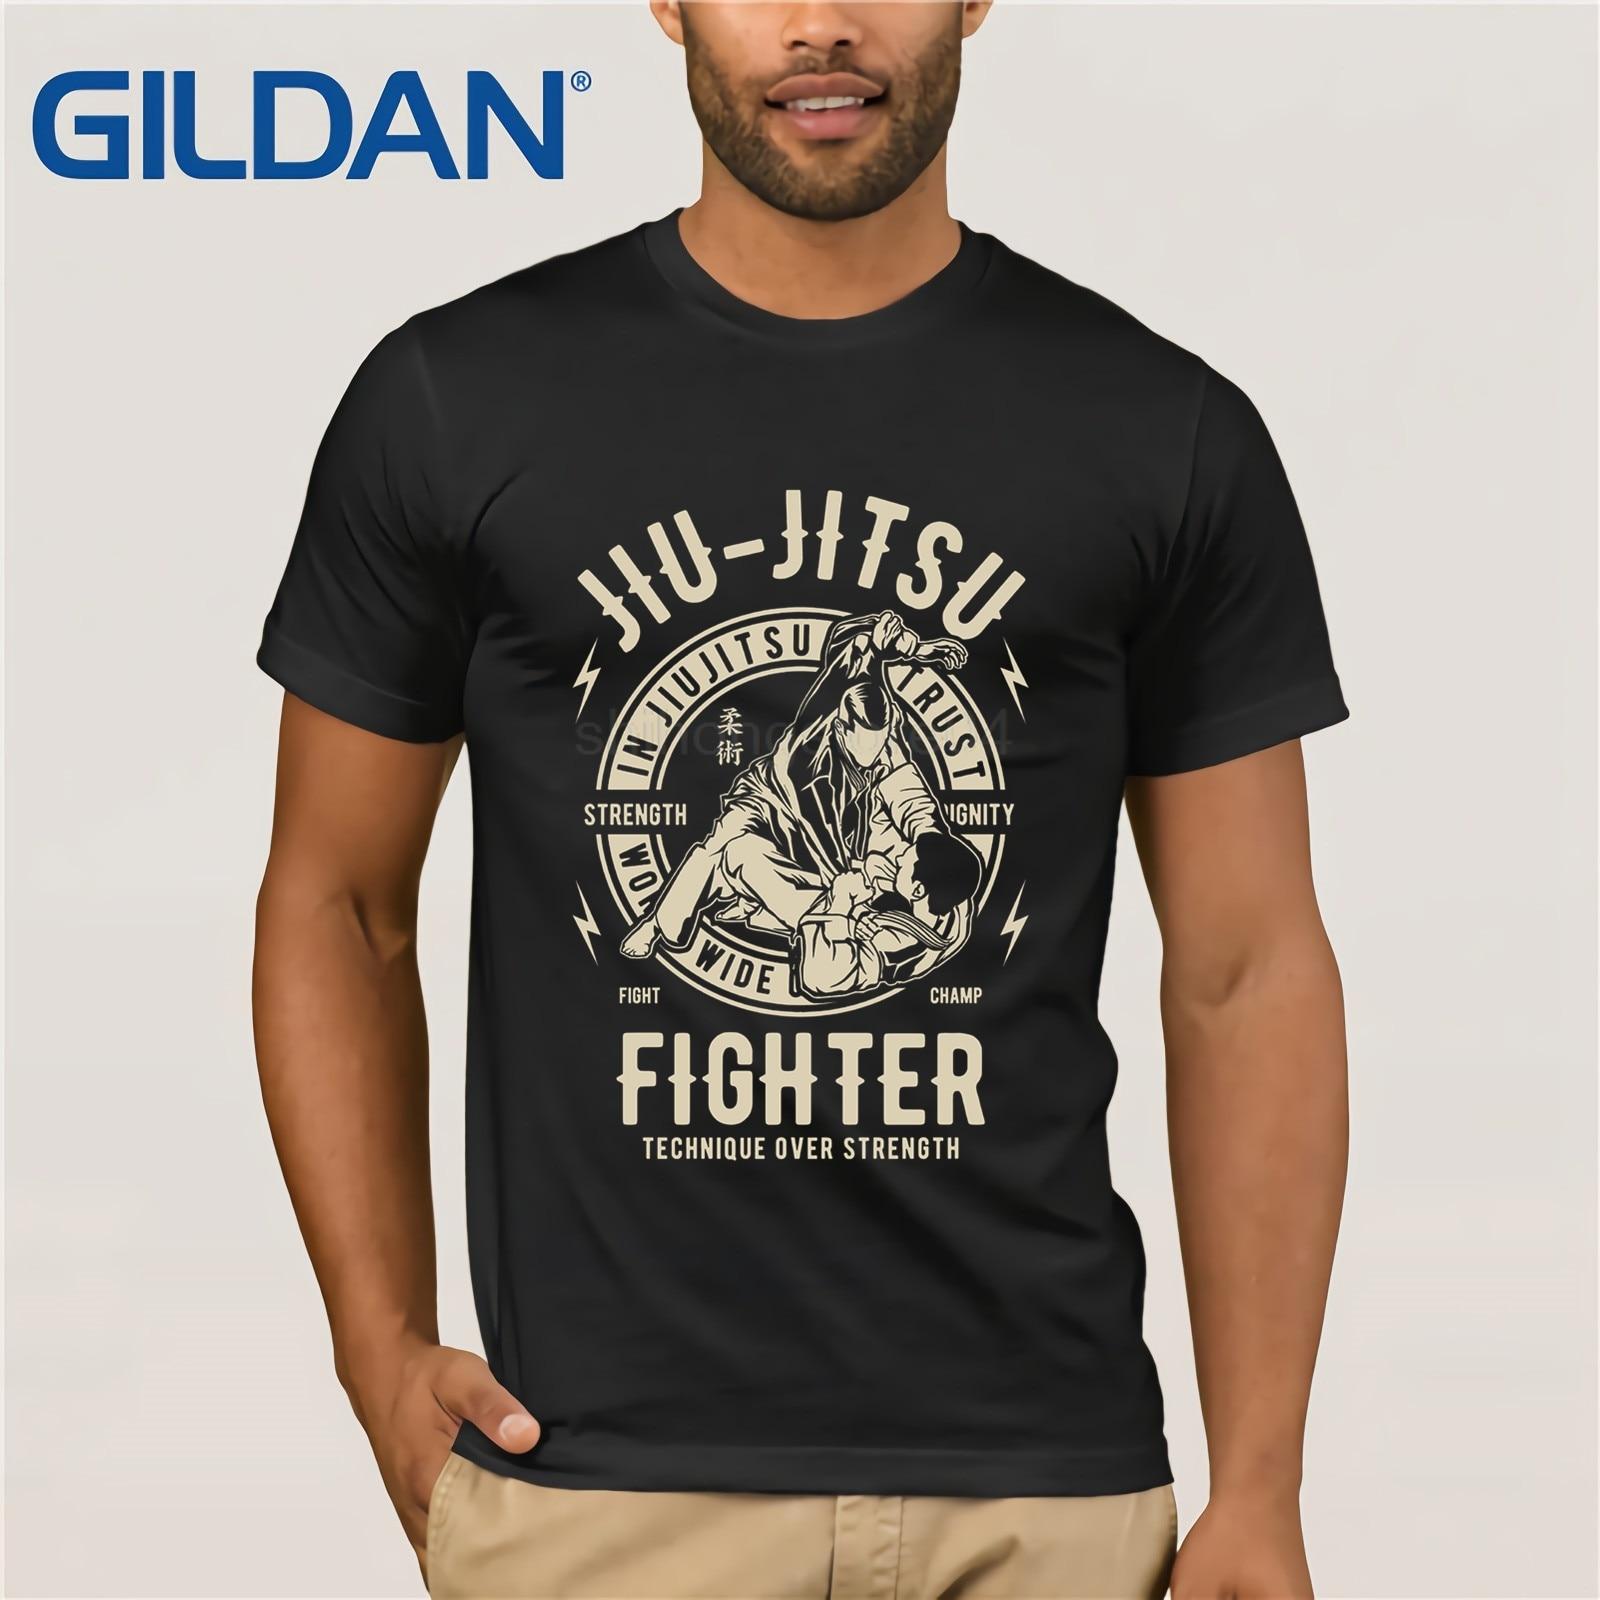 ae2495d4 Short Sleeve Cool Casual JIU JITSU T SHIRT BJJ TEE Brazilian Jiu Jitsu T- Shirt O-Neck T Shirt Men